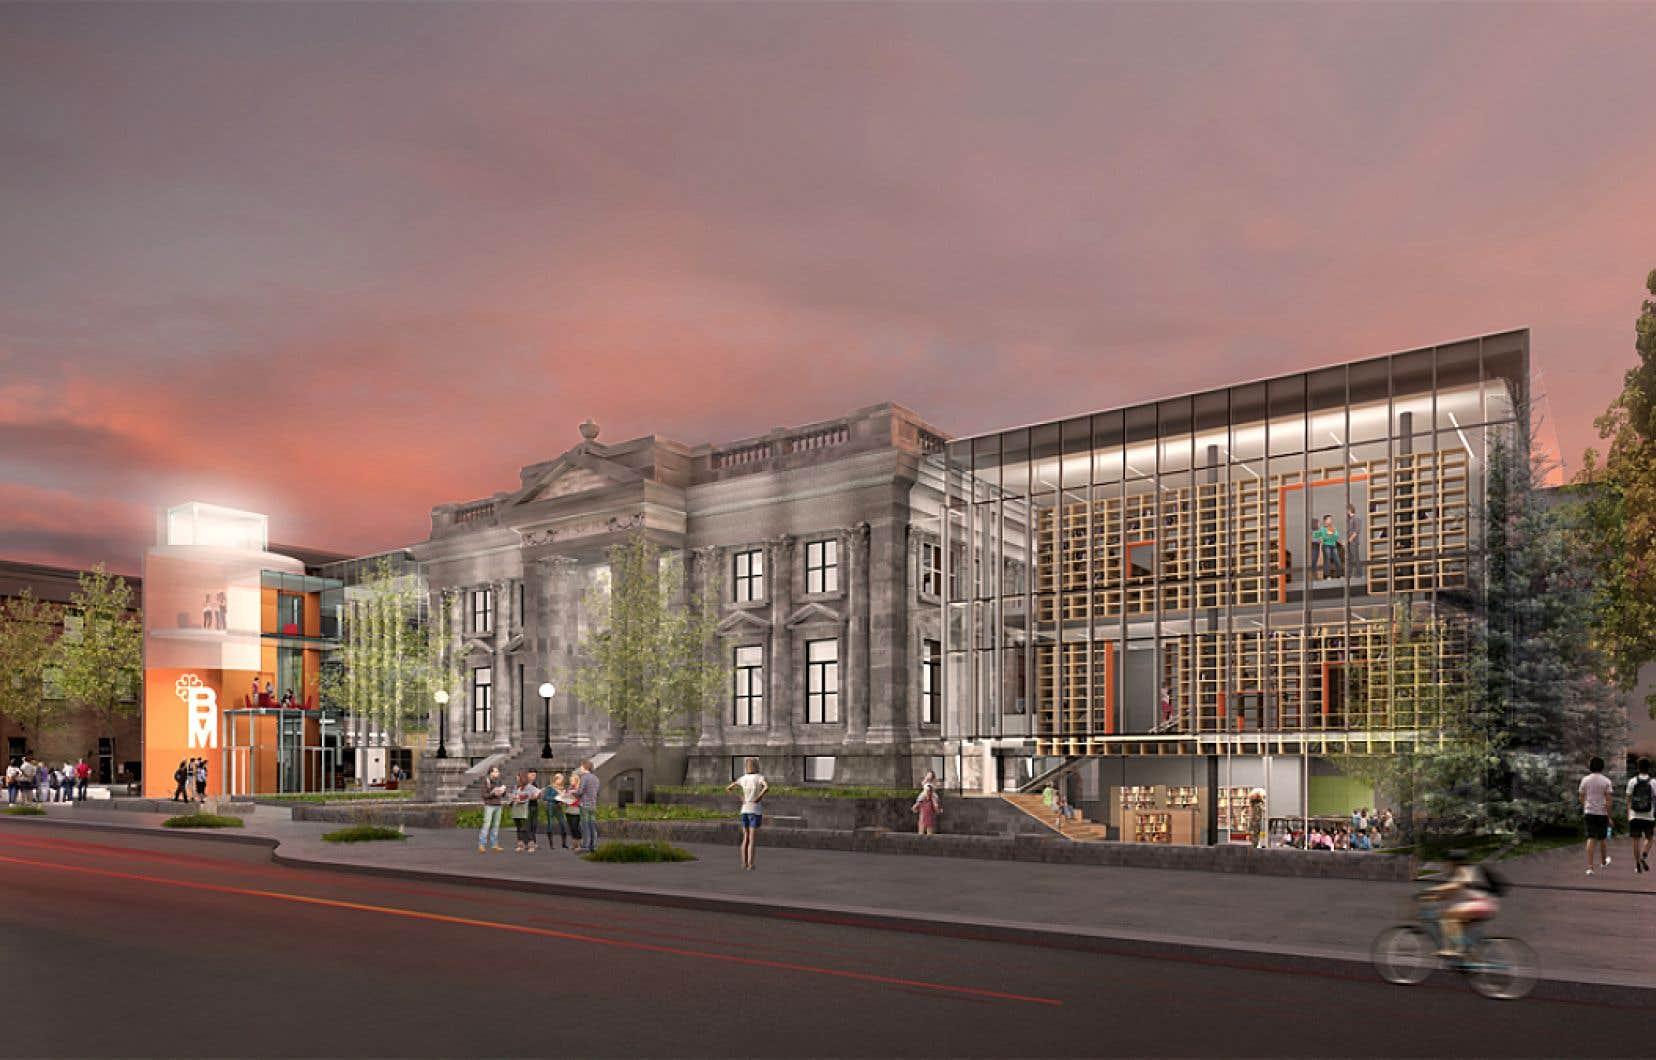 Le jury dit avoir aimé cette proposition «qui met en valeur le bâtiment patrimonial, tant à l'extérieur qu'à l'intérieur».